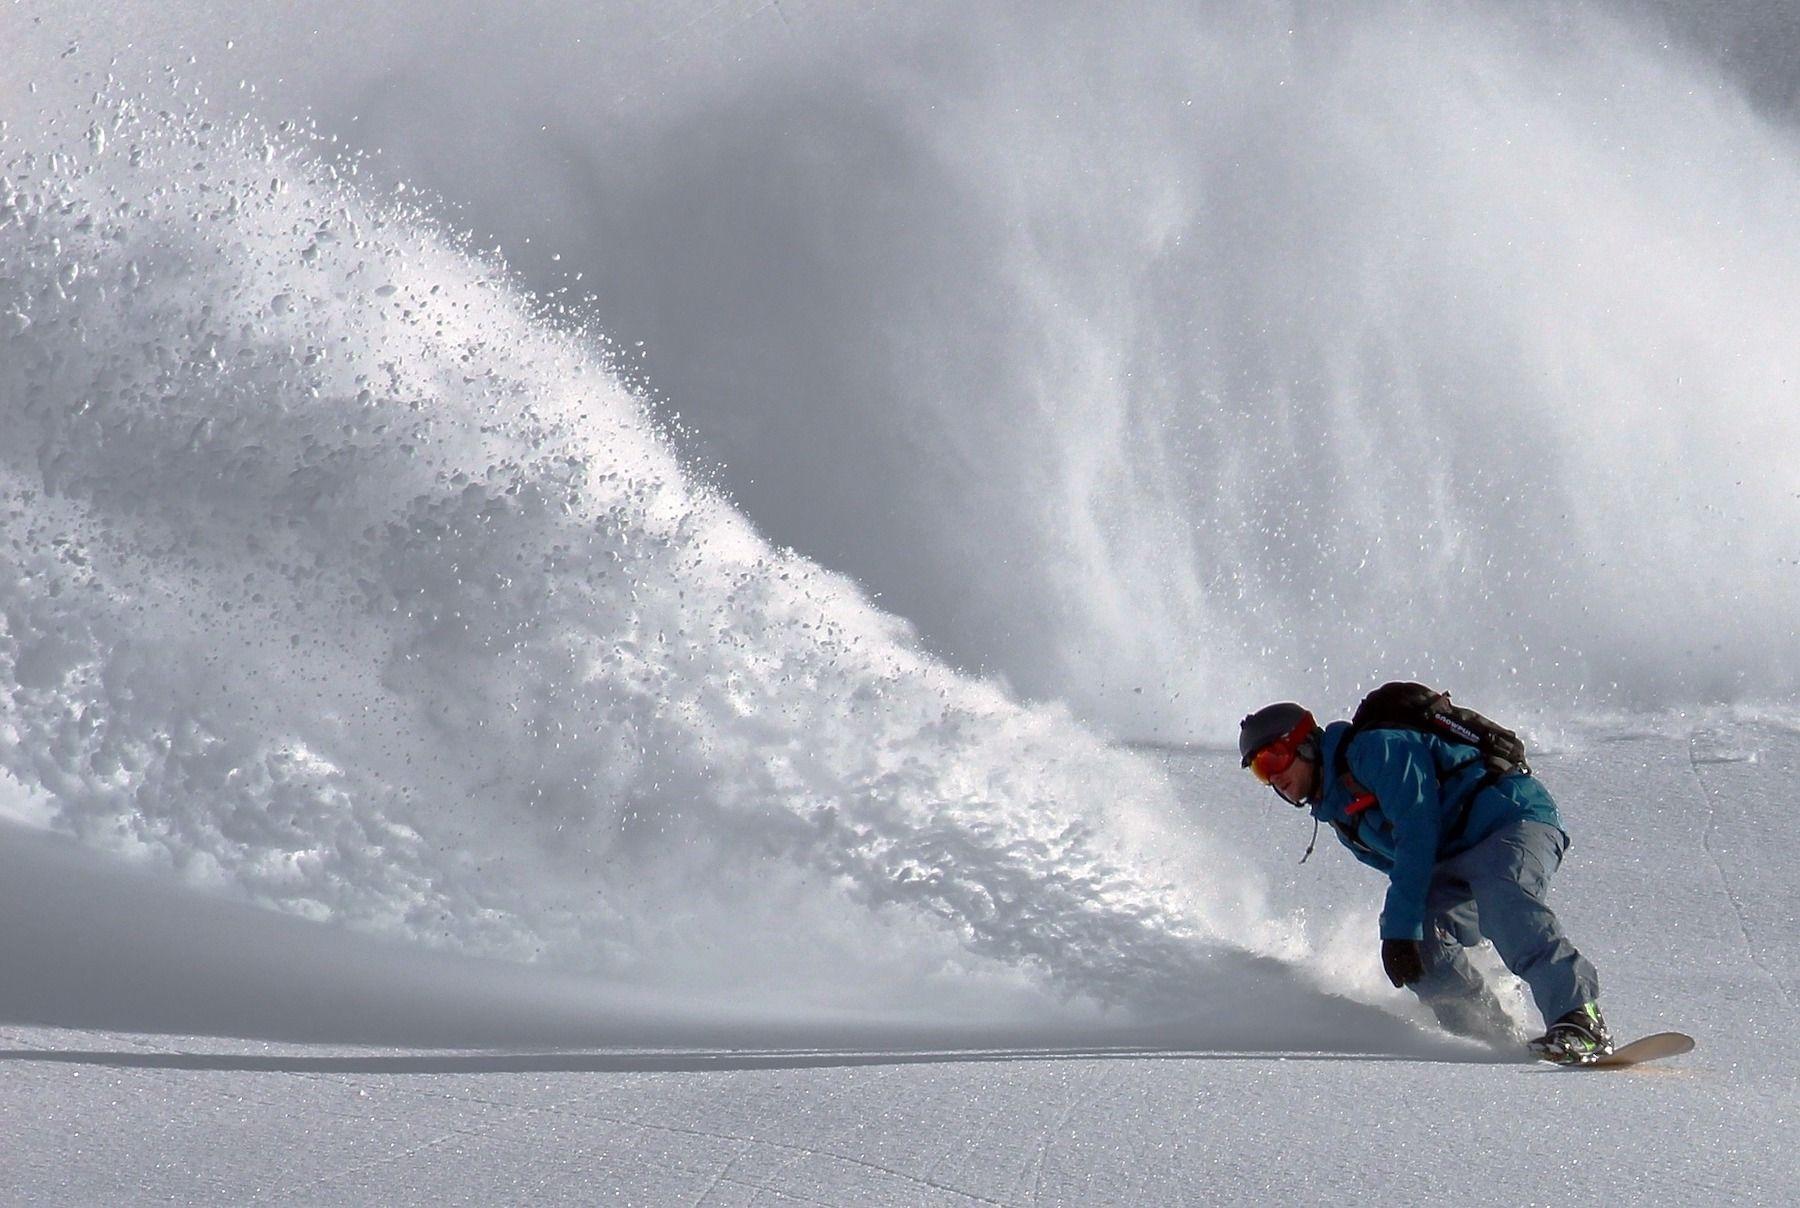 Kupujemy bluzę na snowboard